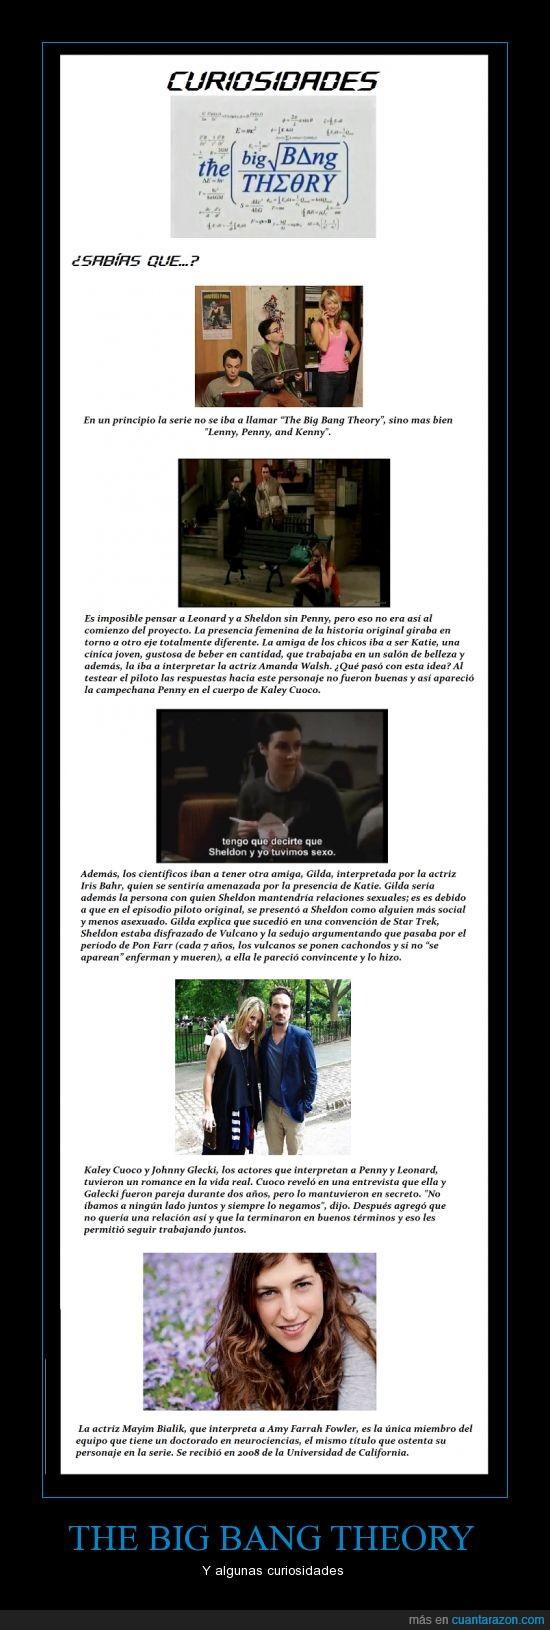 Amy,Curiosidades,El capítulo piloto original me dejo boquiabierta,Leonard,Penny,Sheldon,The big bang theory